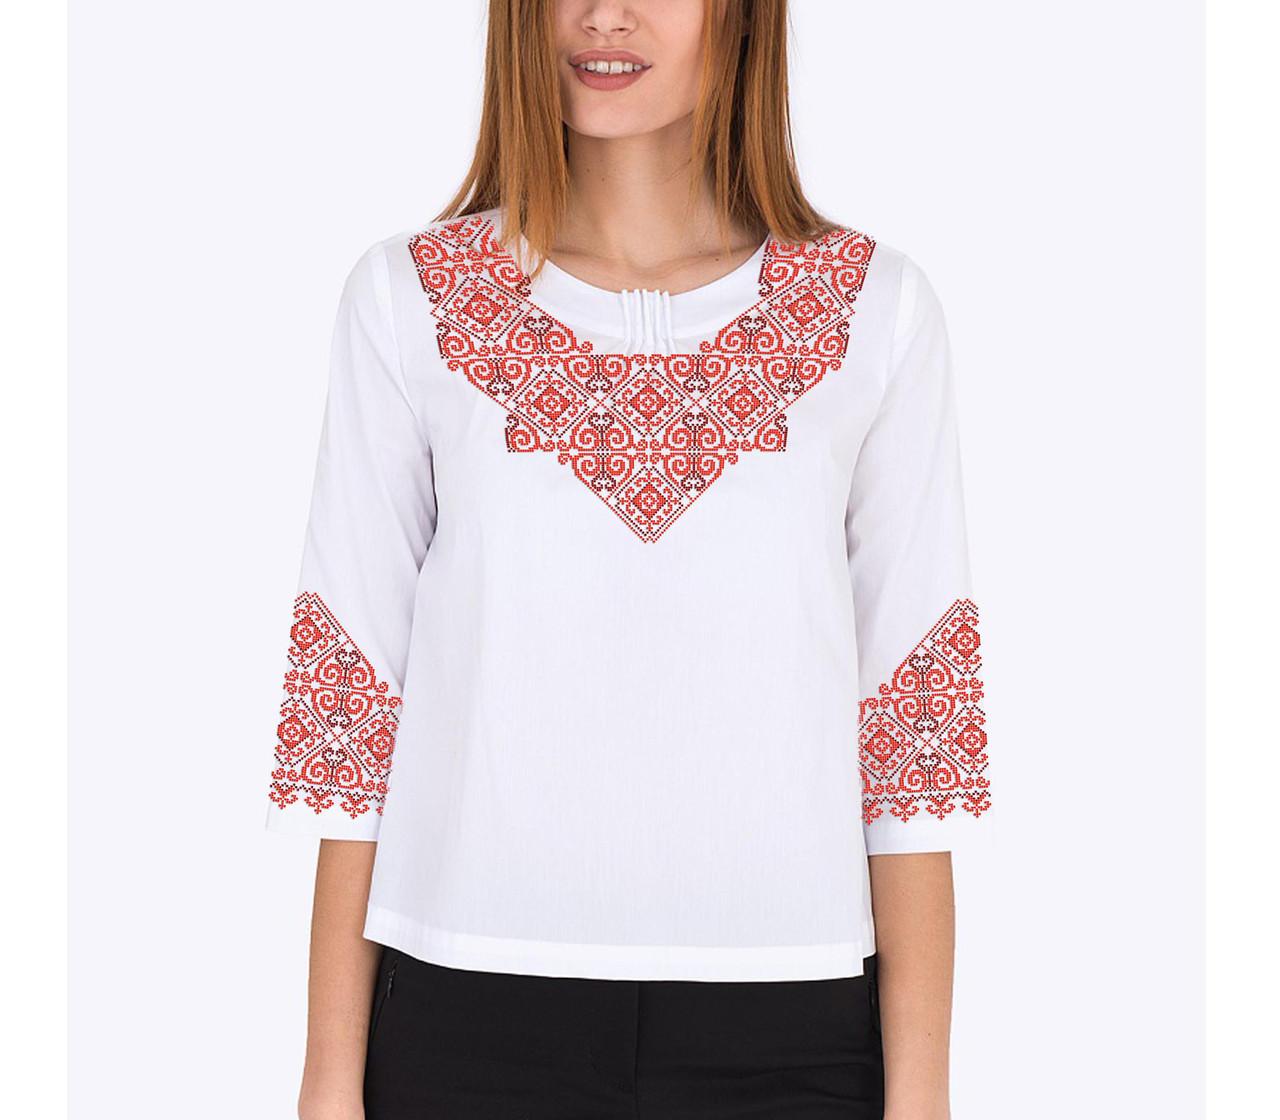 Заготовка вышиванки женской сорочки / блузы для вышивки бисером «Мотив 157 Ч»